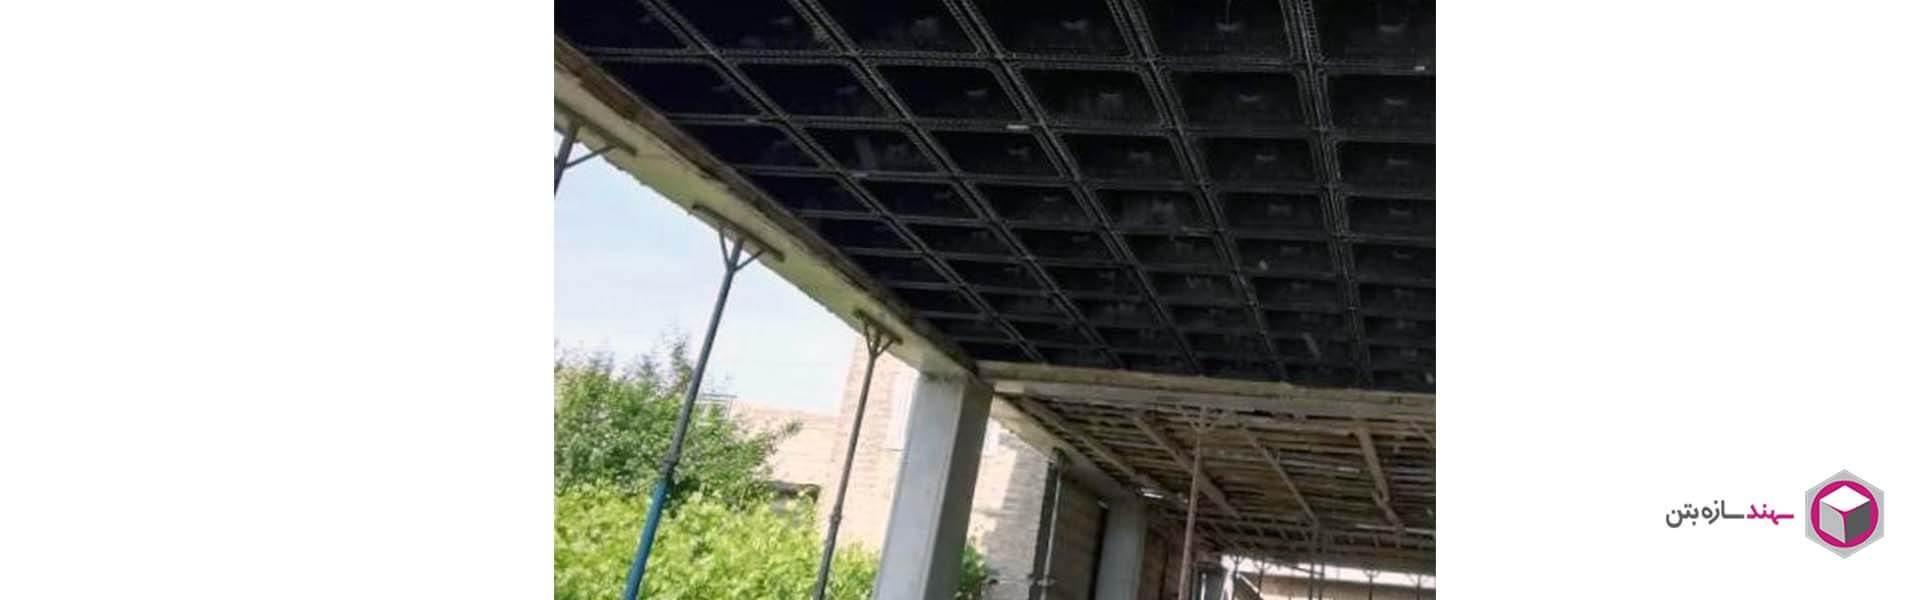 کاهش تعداد میلگردهای استفاده شده در سقف های وافل